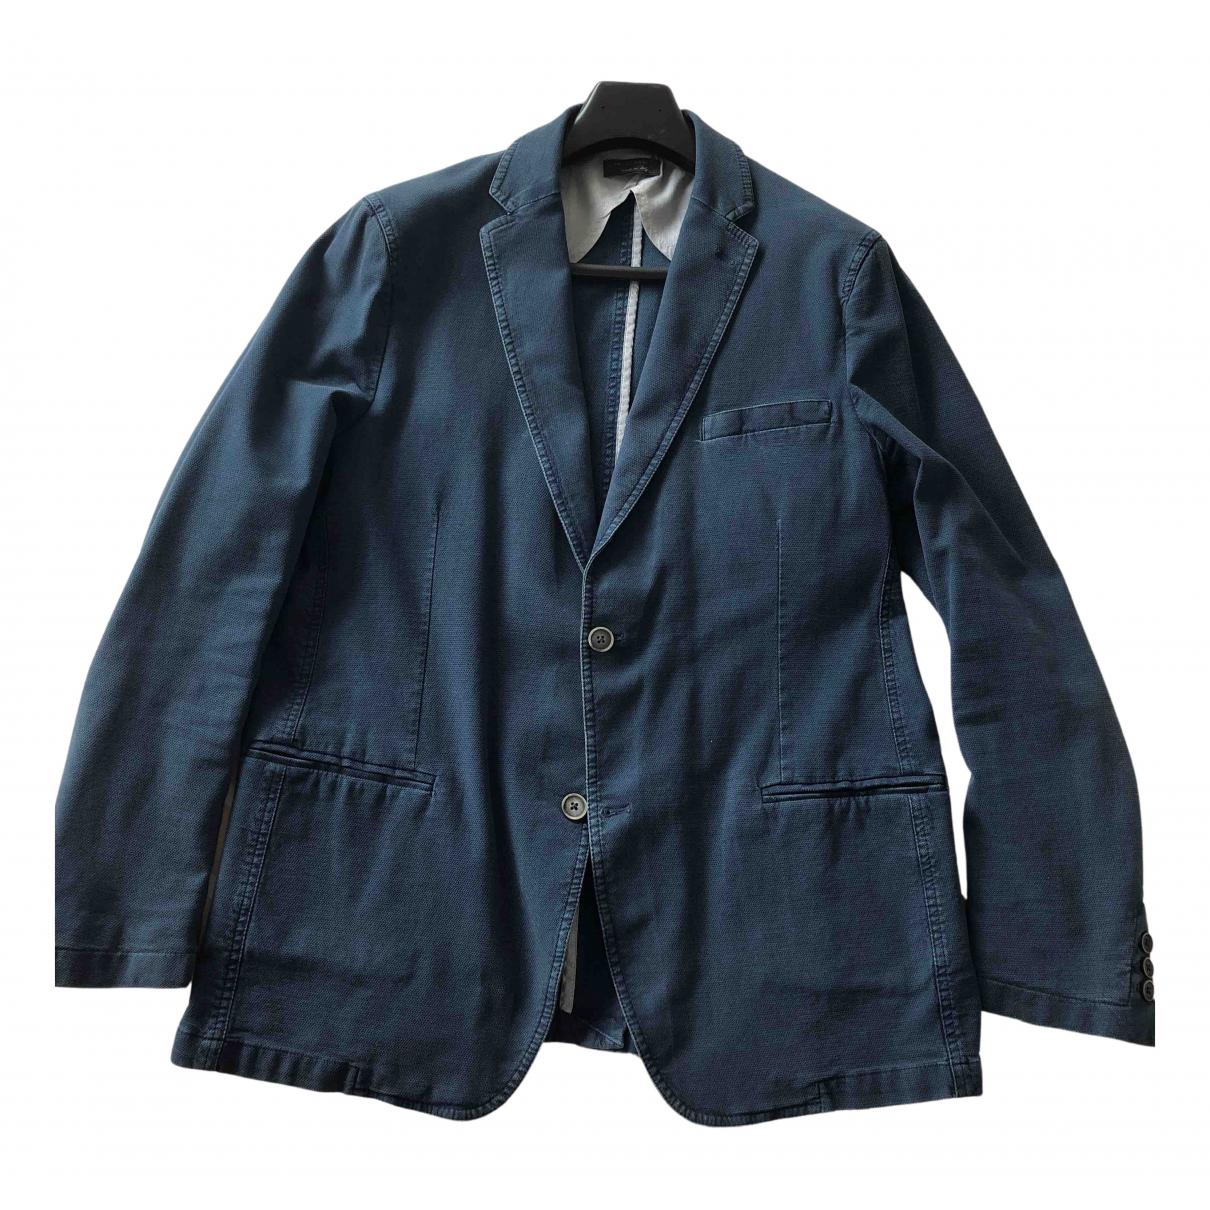 Falconeri N Blue Cotton jacket  for Men 54 IT